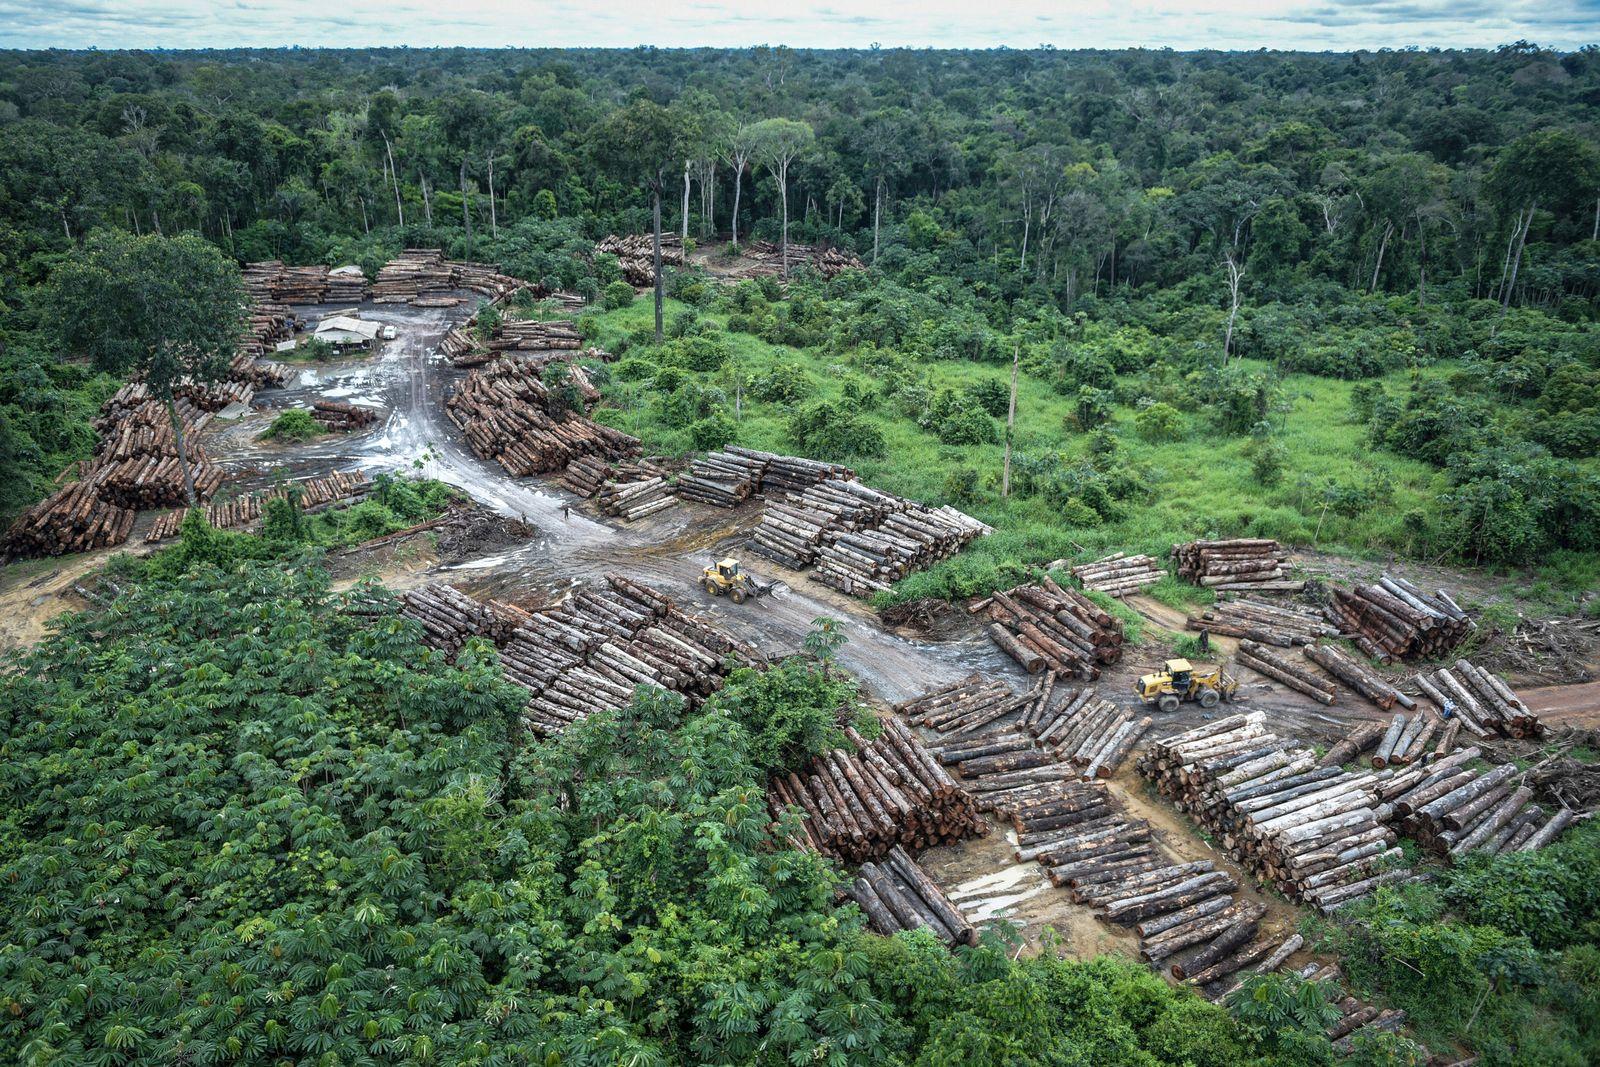 Brasilien / Konjunktur / Wirtschaft / Amazon / illegal abgeholztes Gebiet